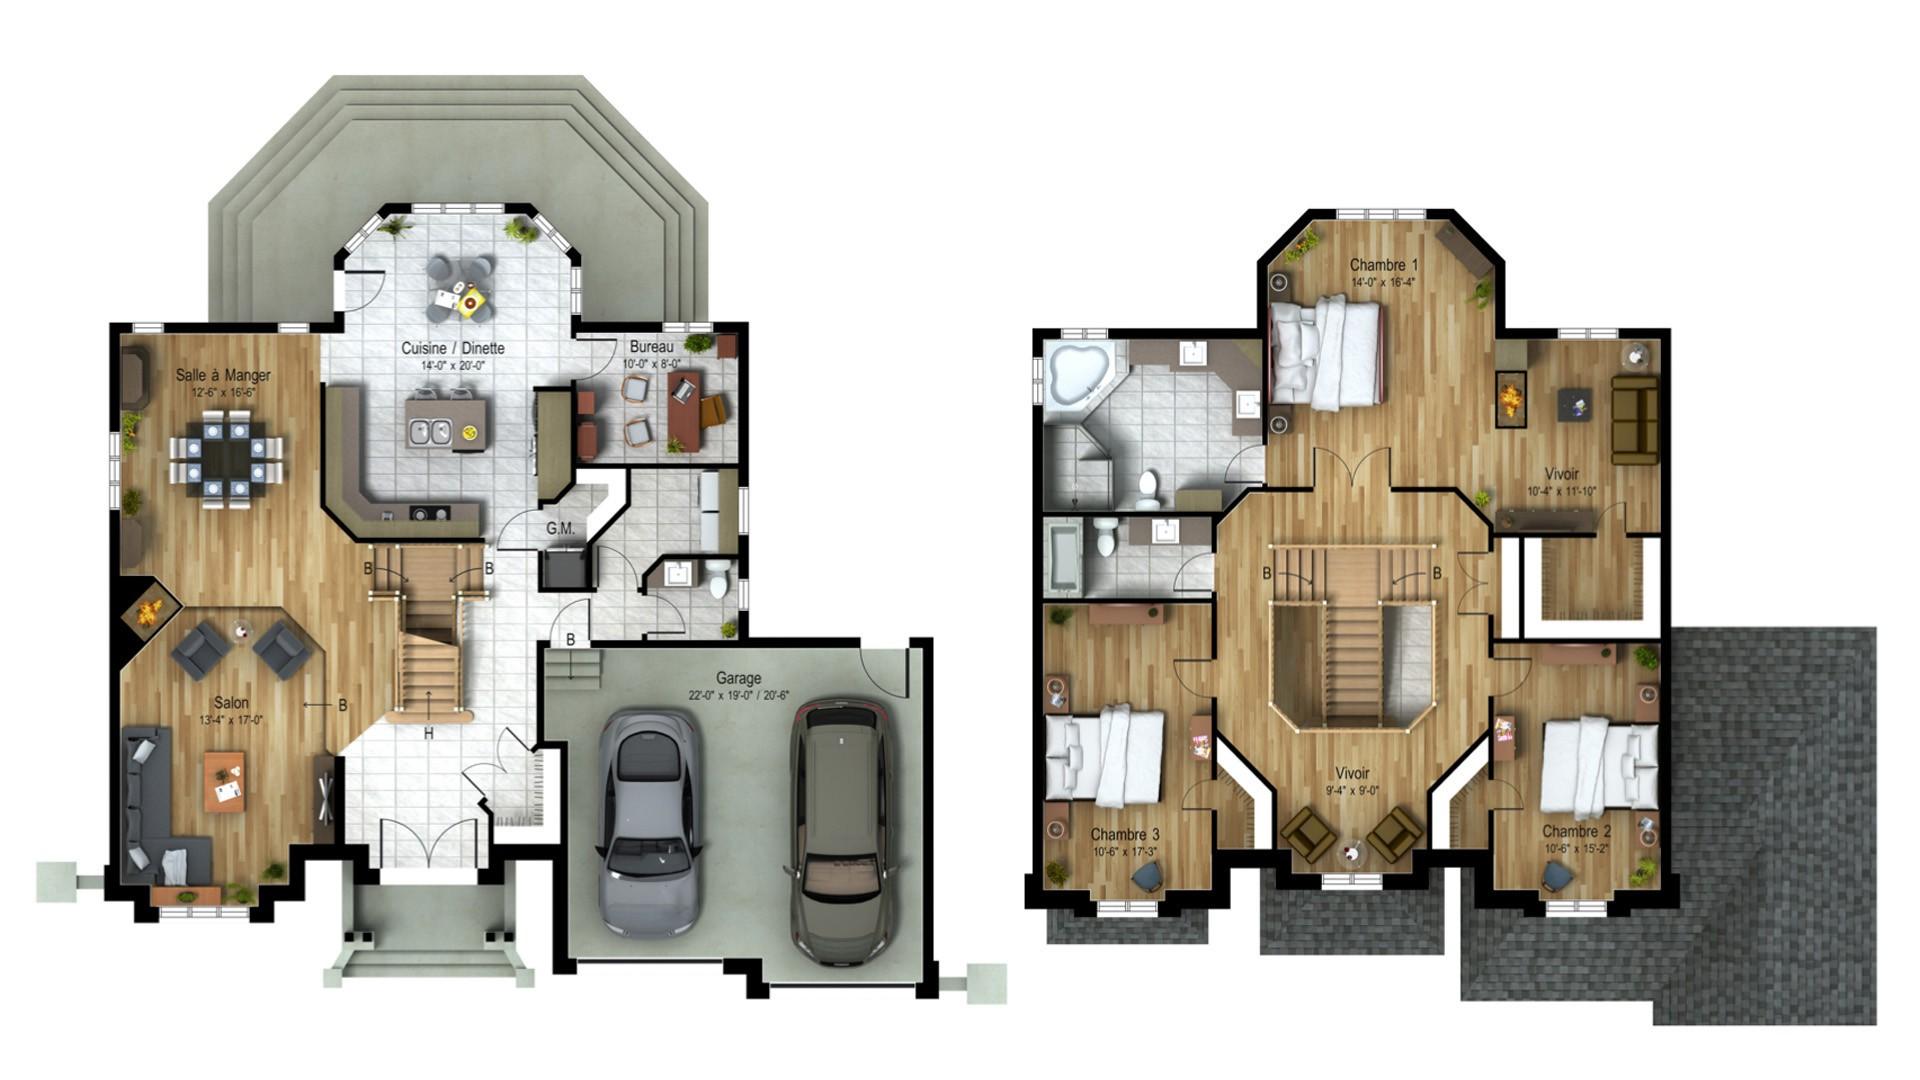 Cottage_Chateaux_Baccara_Plan maison de prestige_Domicil